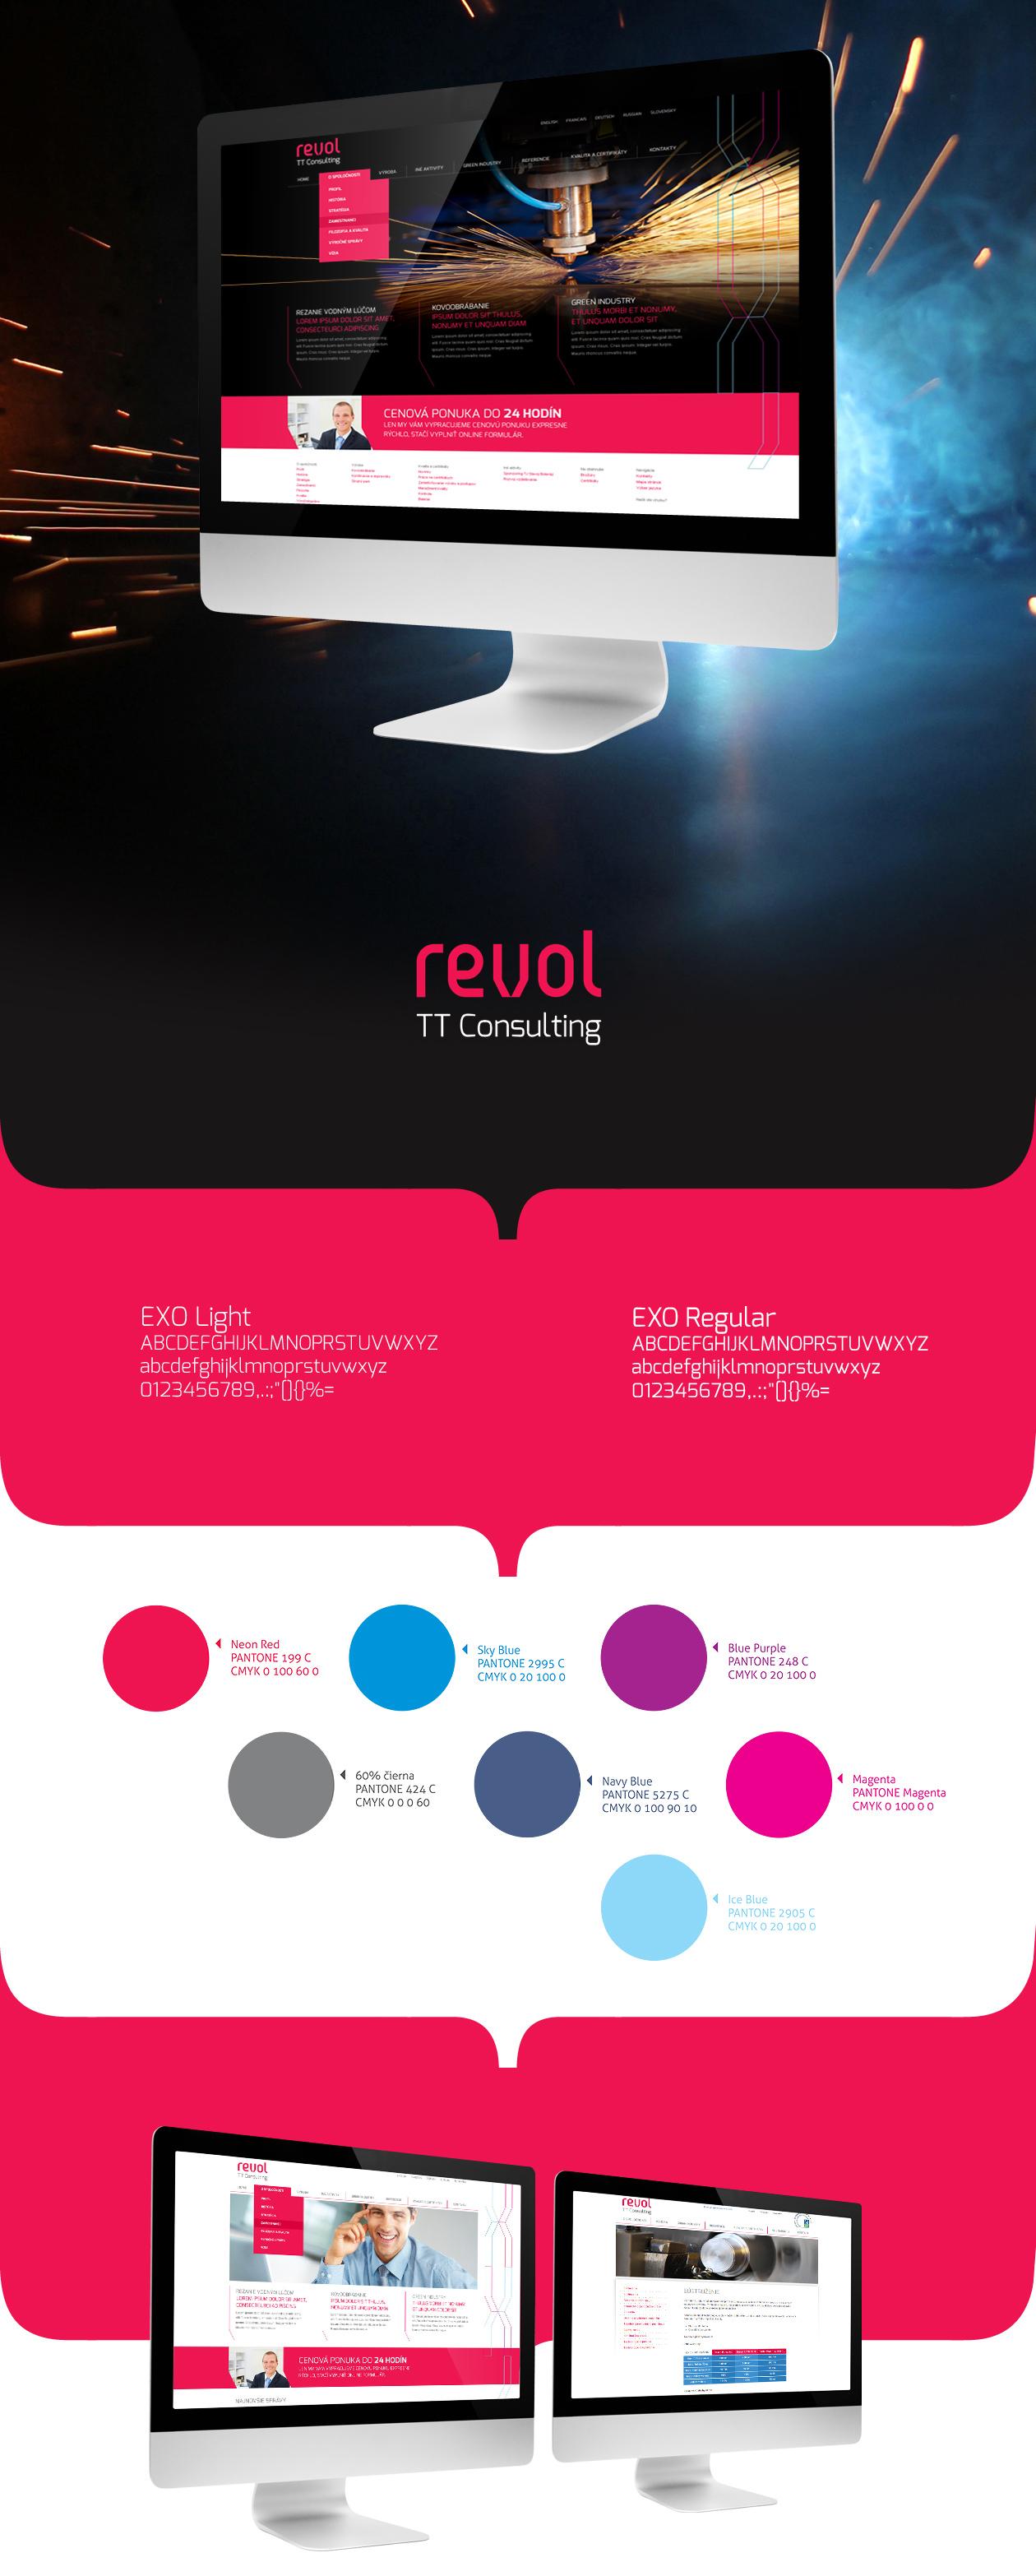 revol 0